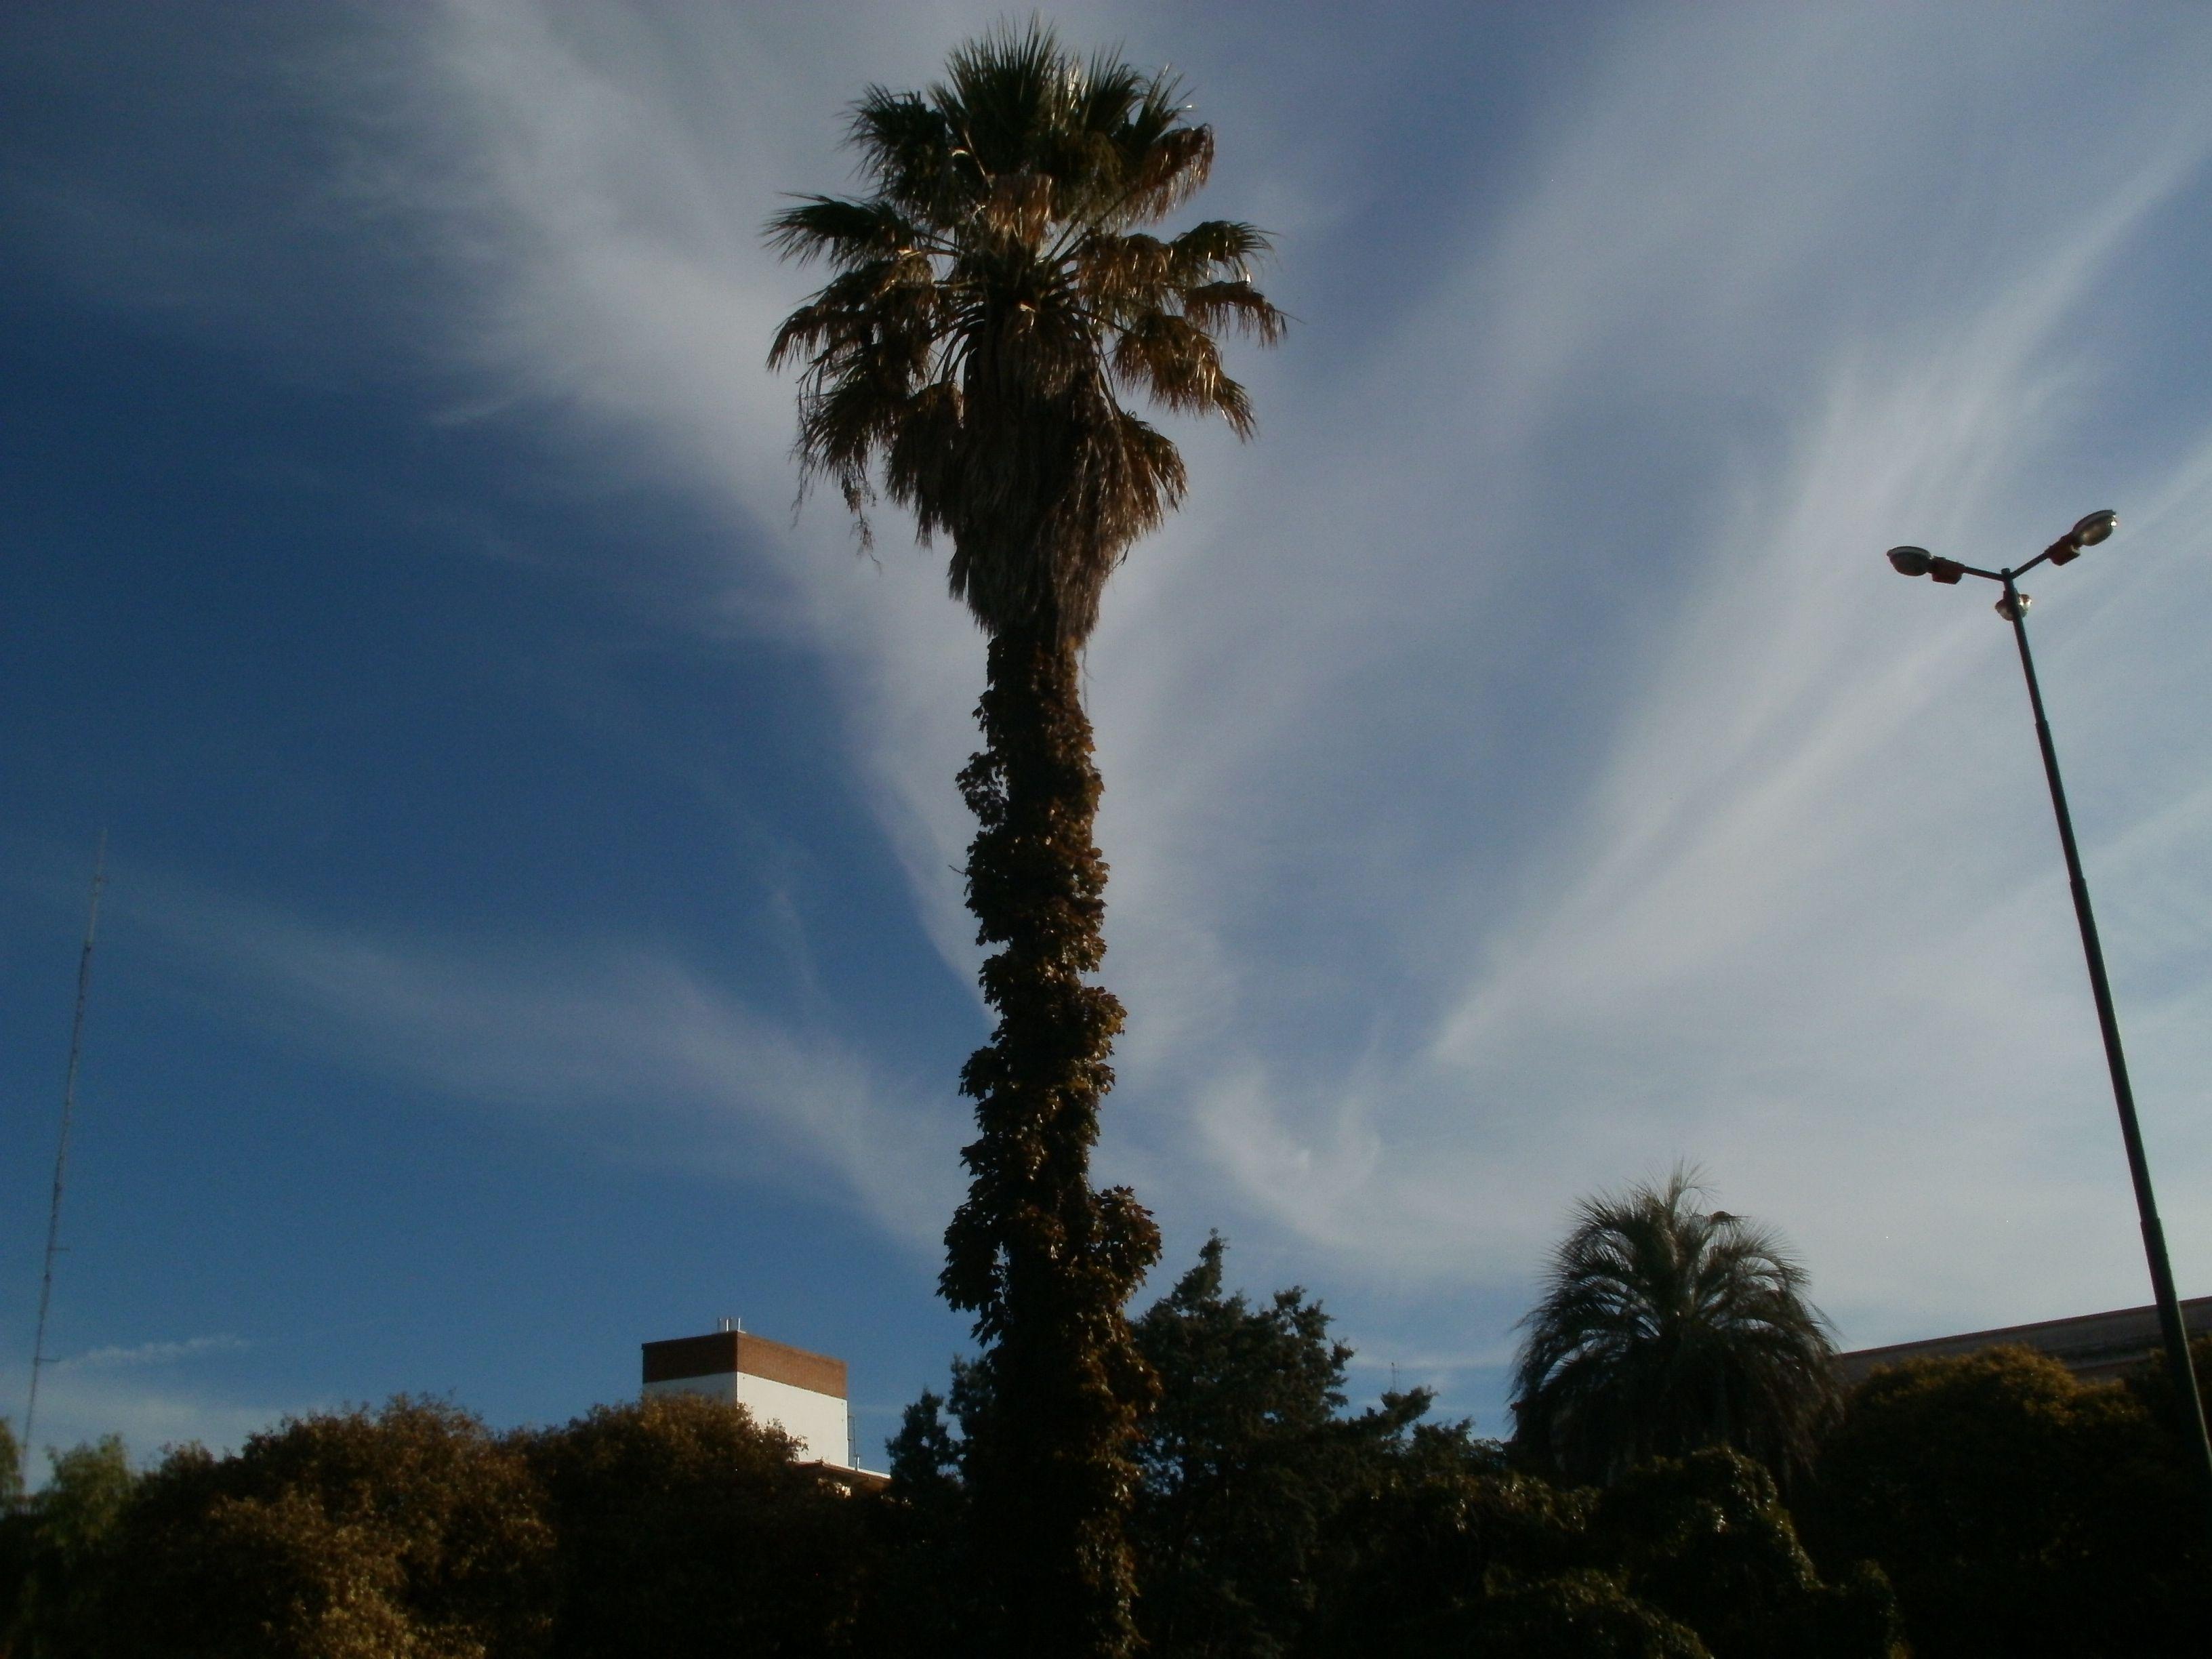 Ésta foto sigue siendo una de mis favoritas. El efecto de las nubes es  espectacular #palmera #naturaleza #nature #fotografia #photography #plaza #edificios #nubes #cielo